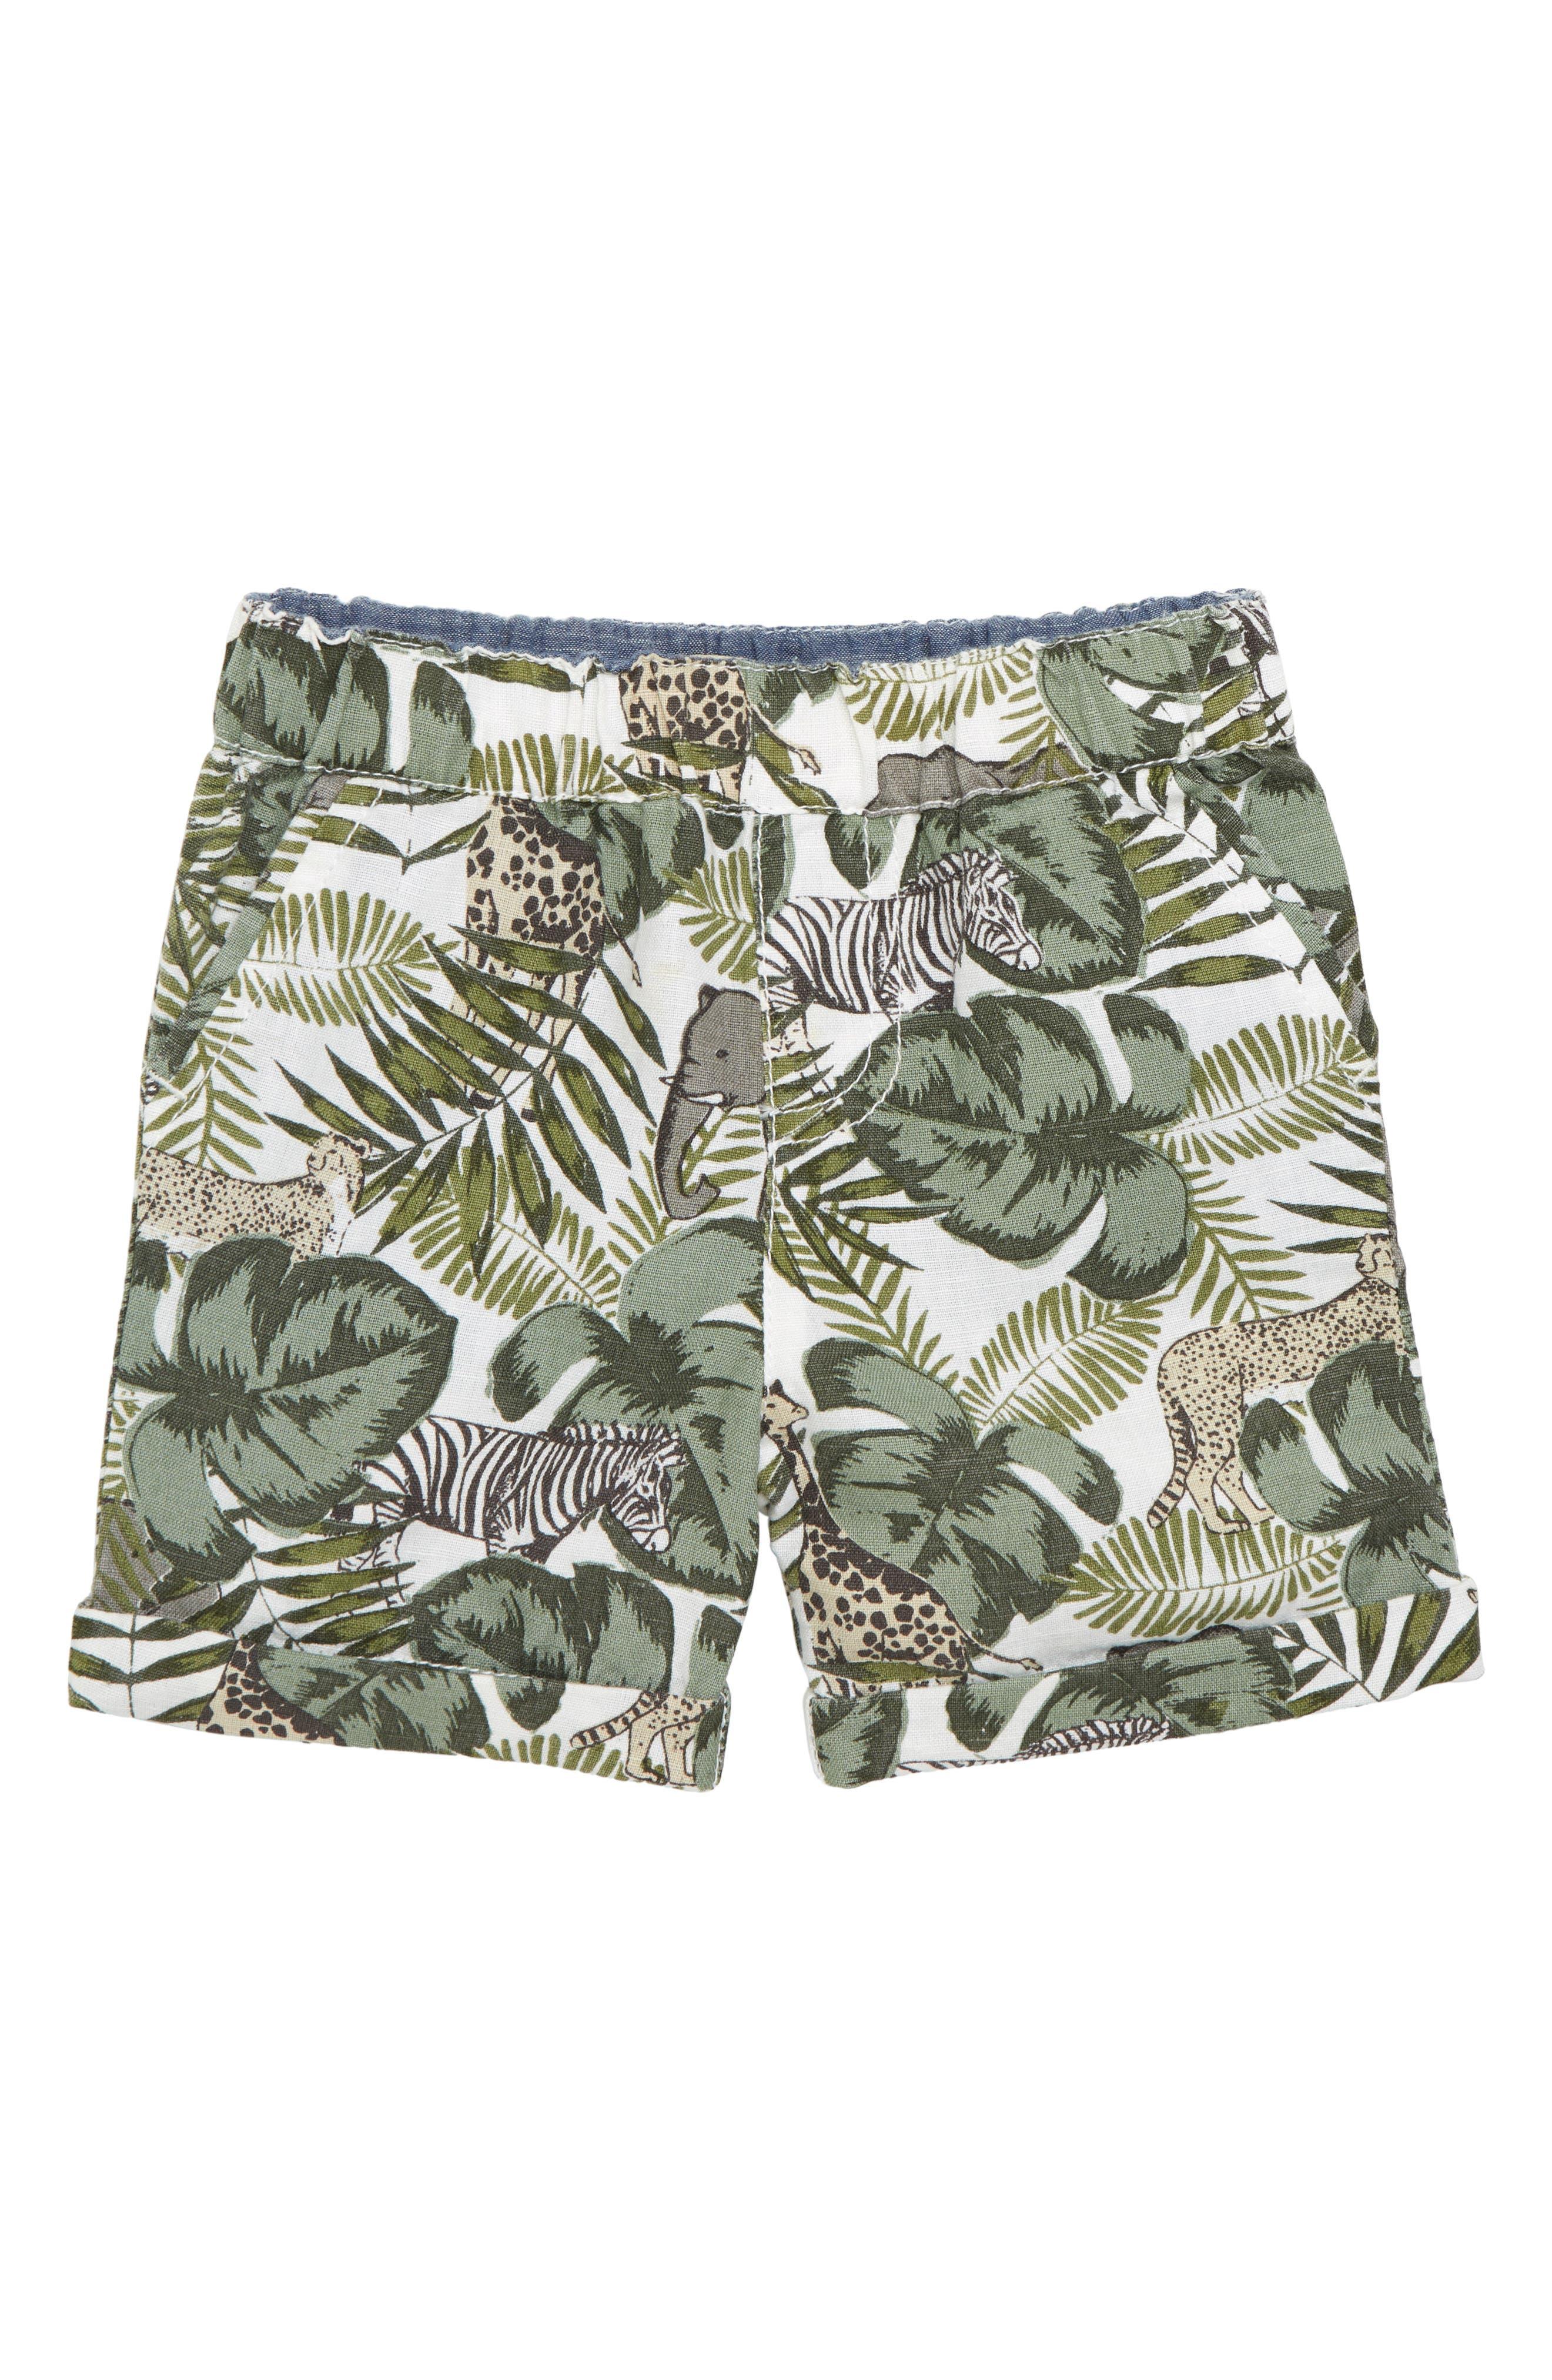 Animal Camo Shorts,                             Main thumbnail 1, color,                             305